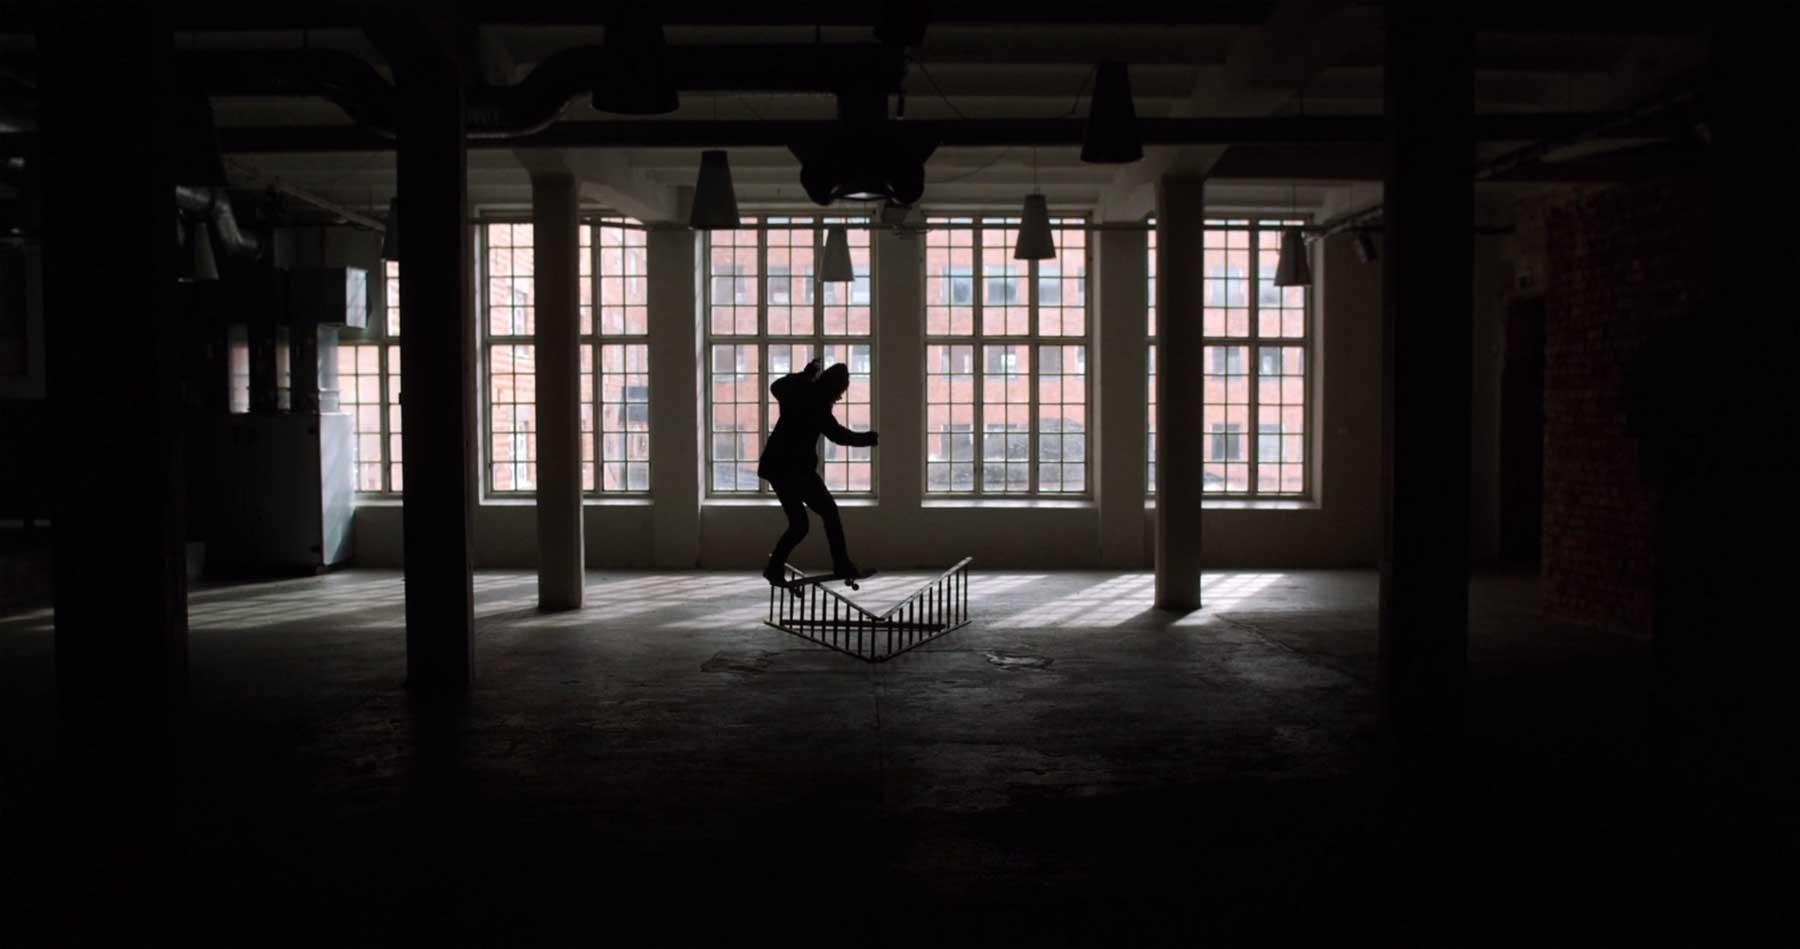 Skateboarding in einer verlassenen Fabrikhalle